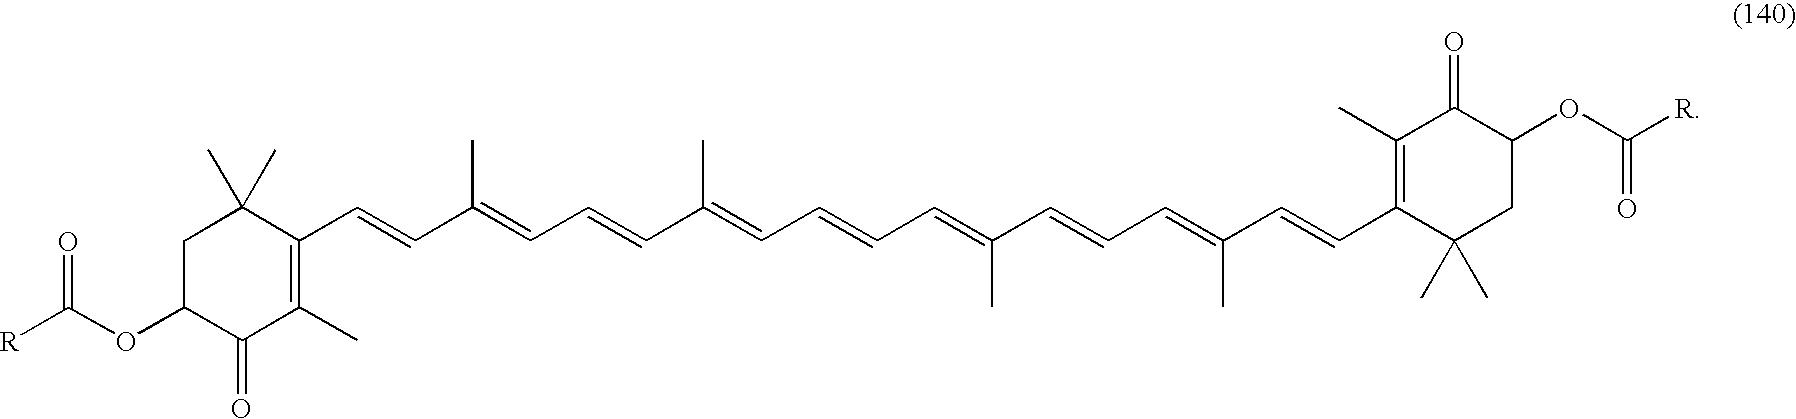 Figure US07691901-20100406-C00038